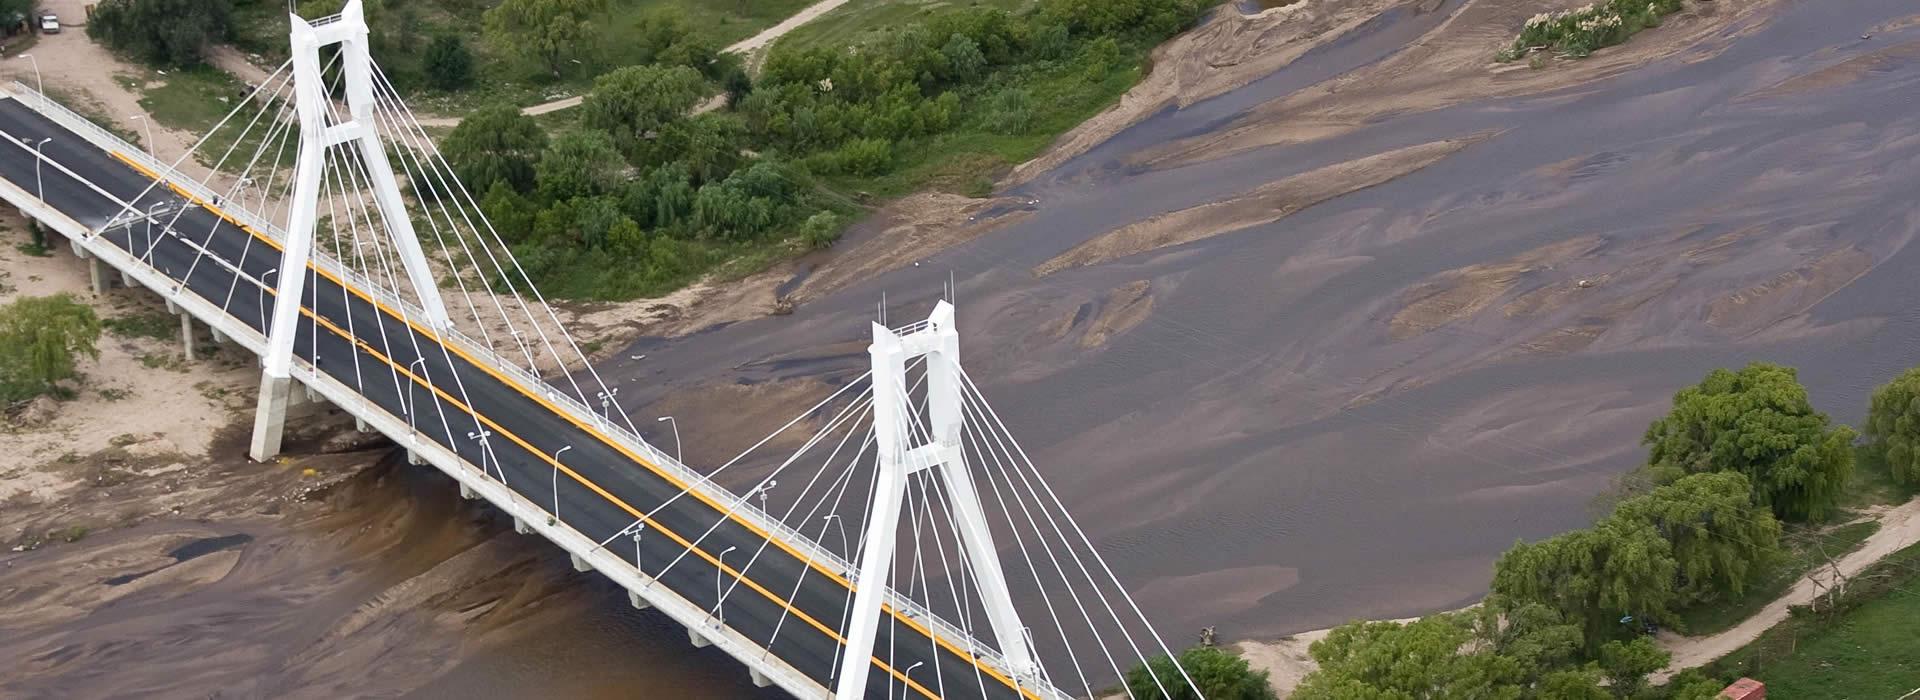 Puente Rio Cuarto   Paschini Construcciones